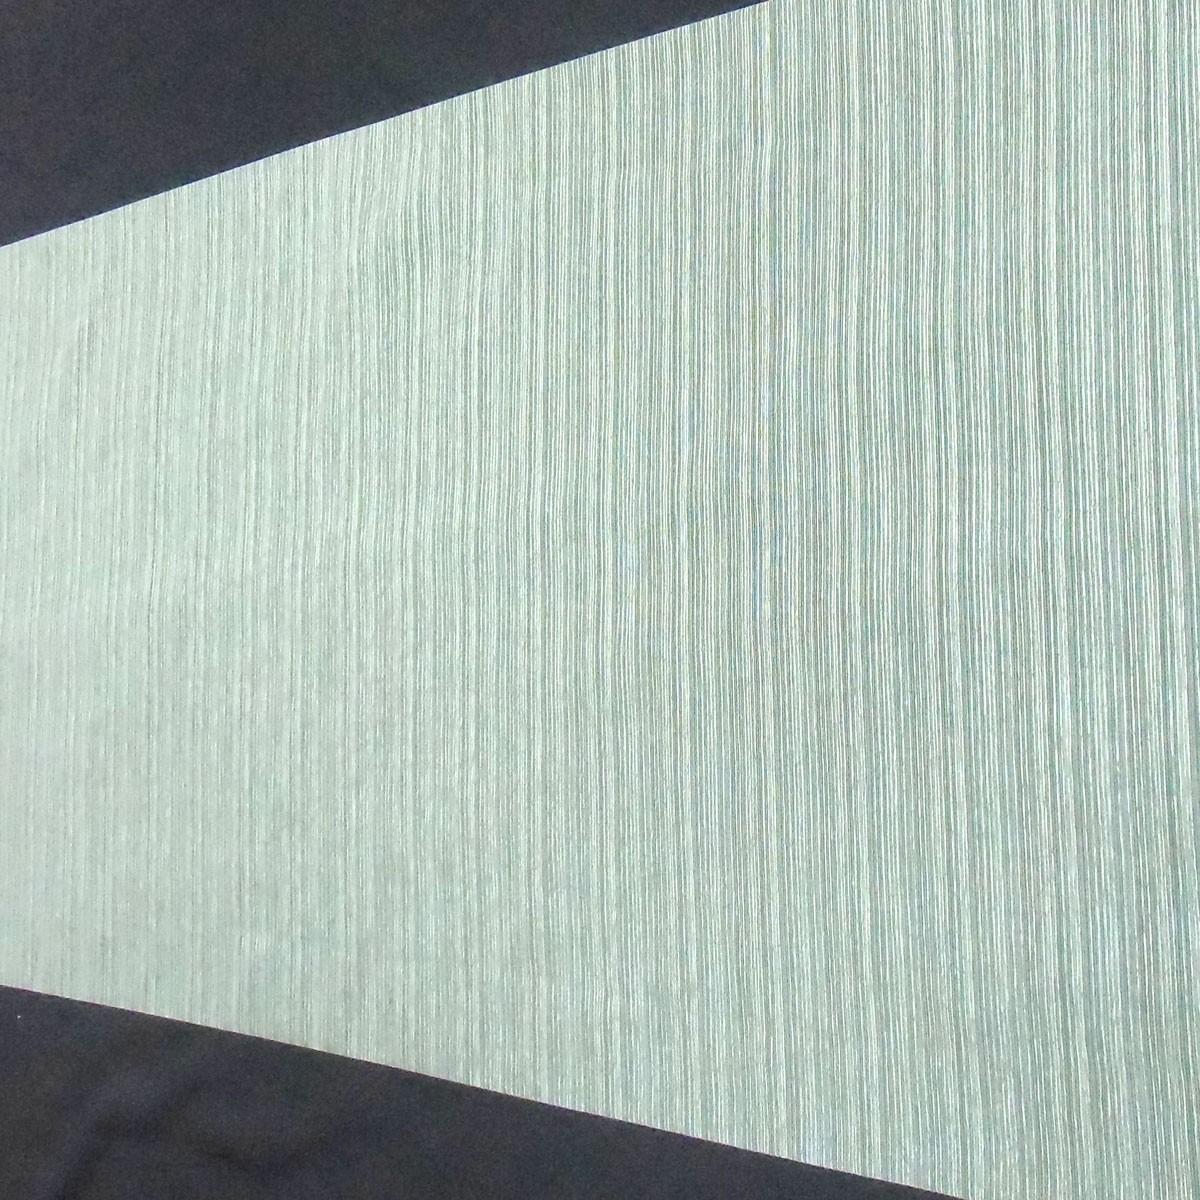 voile stoff gardine paneele meterware querstreifen stein 60cm breite gardinenstoffe. Black Bedroom Furniture Sets. Home Design Ideas